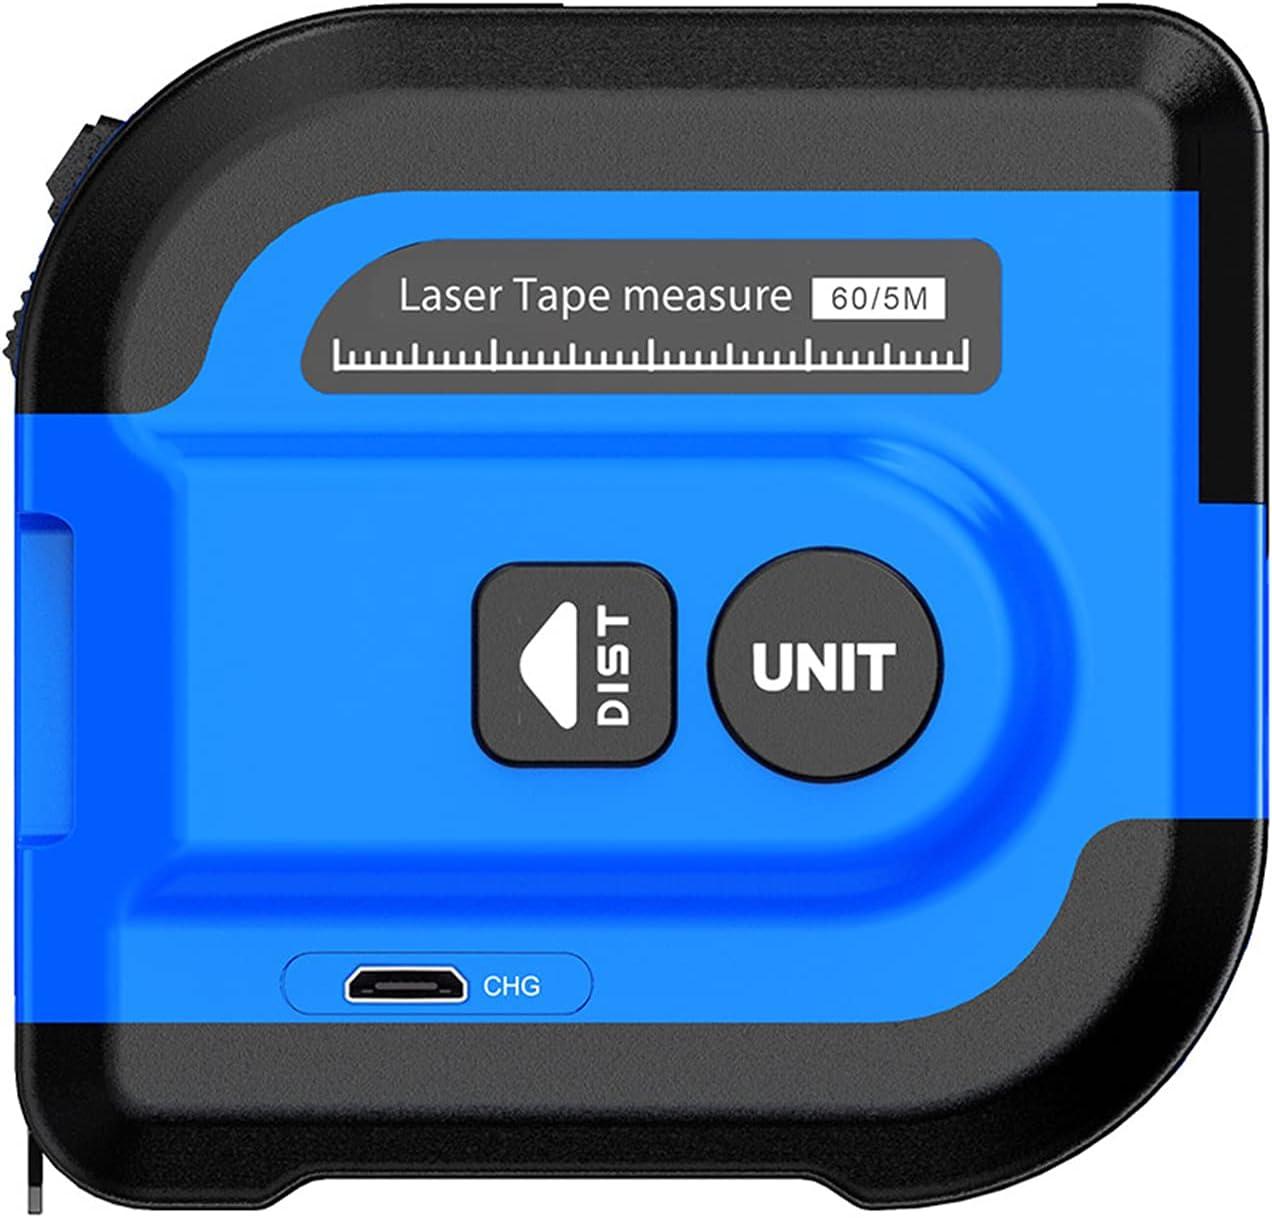 Wacent Dispositivo de medición, medidor de Distancia láser 40M NF-2260L Buscador de Rango 5M Cinta métrica Digital retráctil